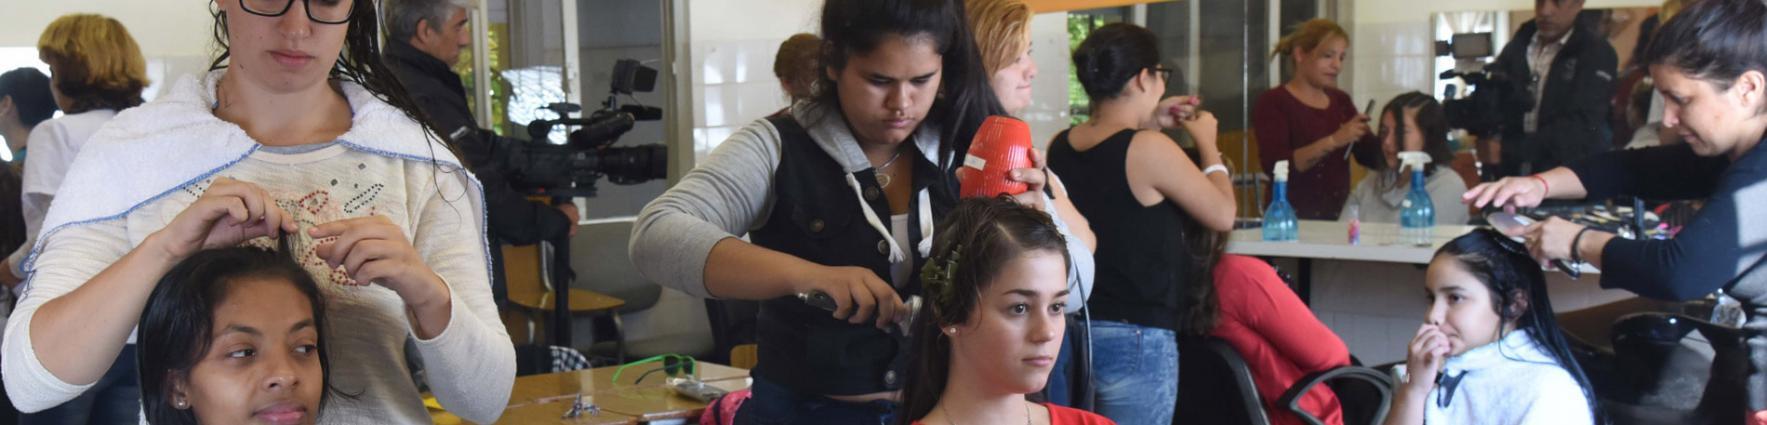 cursos de peluqueria